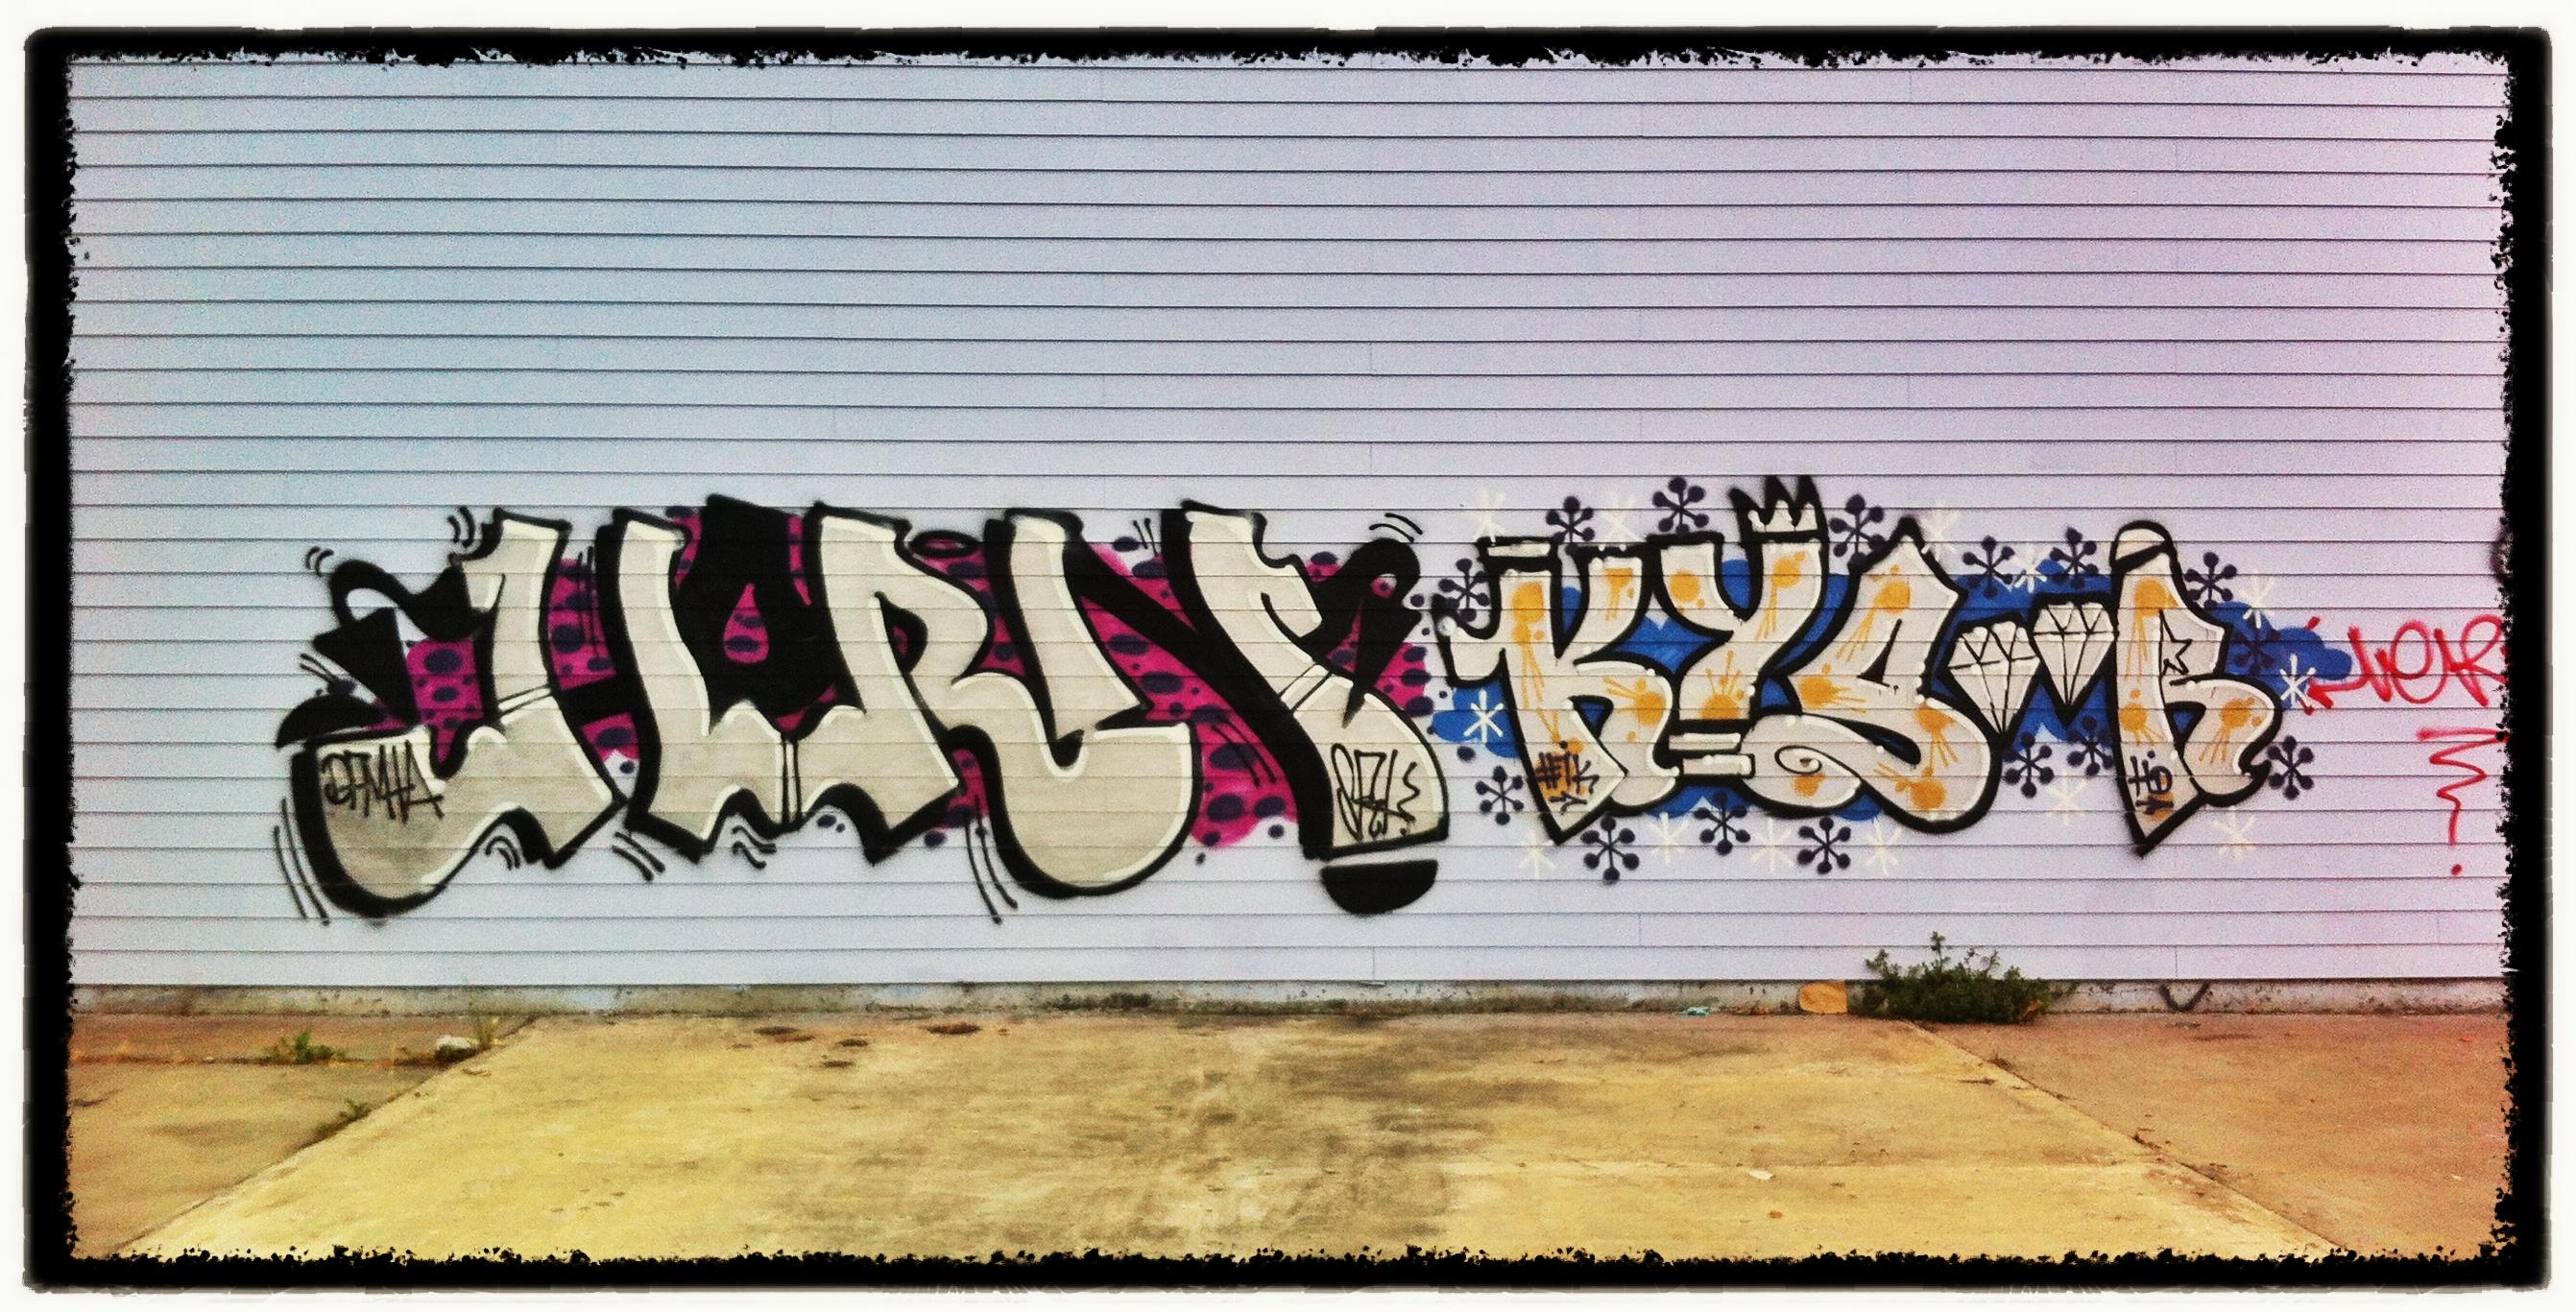 Sfondi corna graffiti arte di strada murale arte la for Immagini graffiti hd